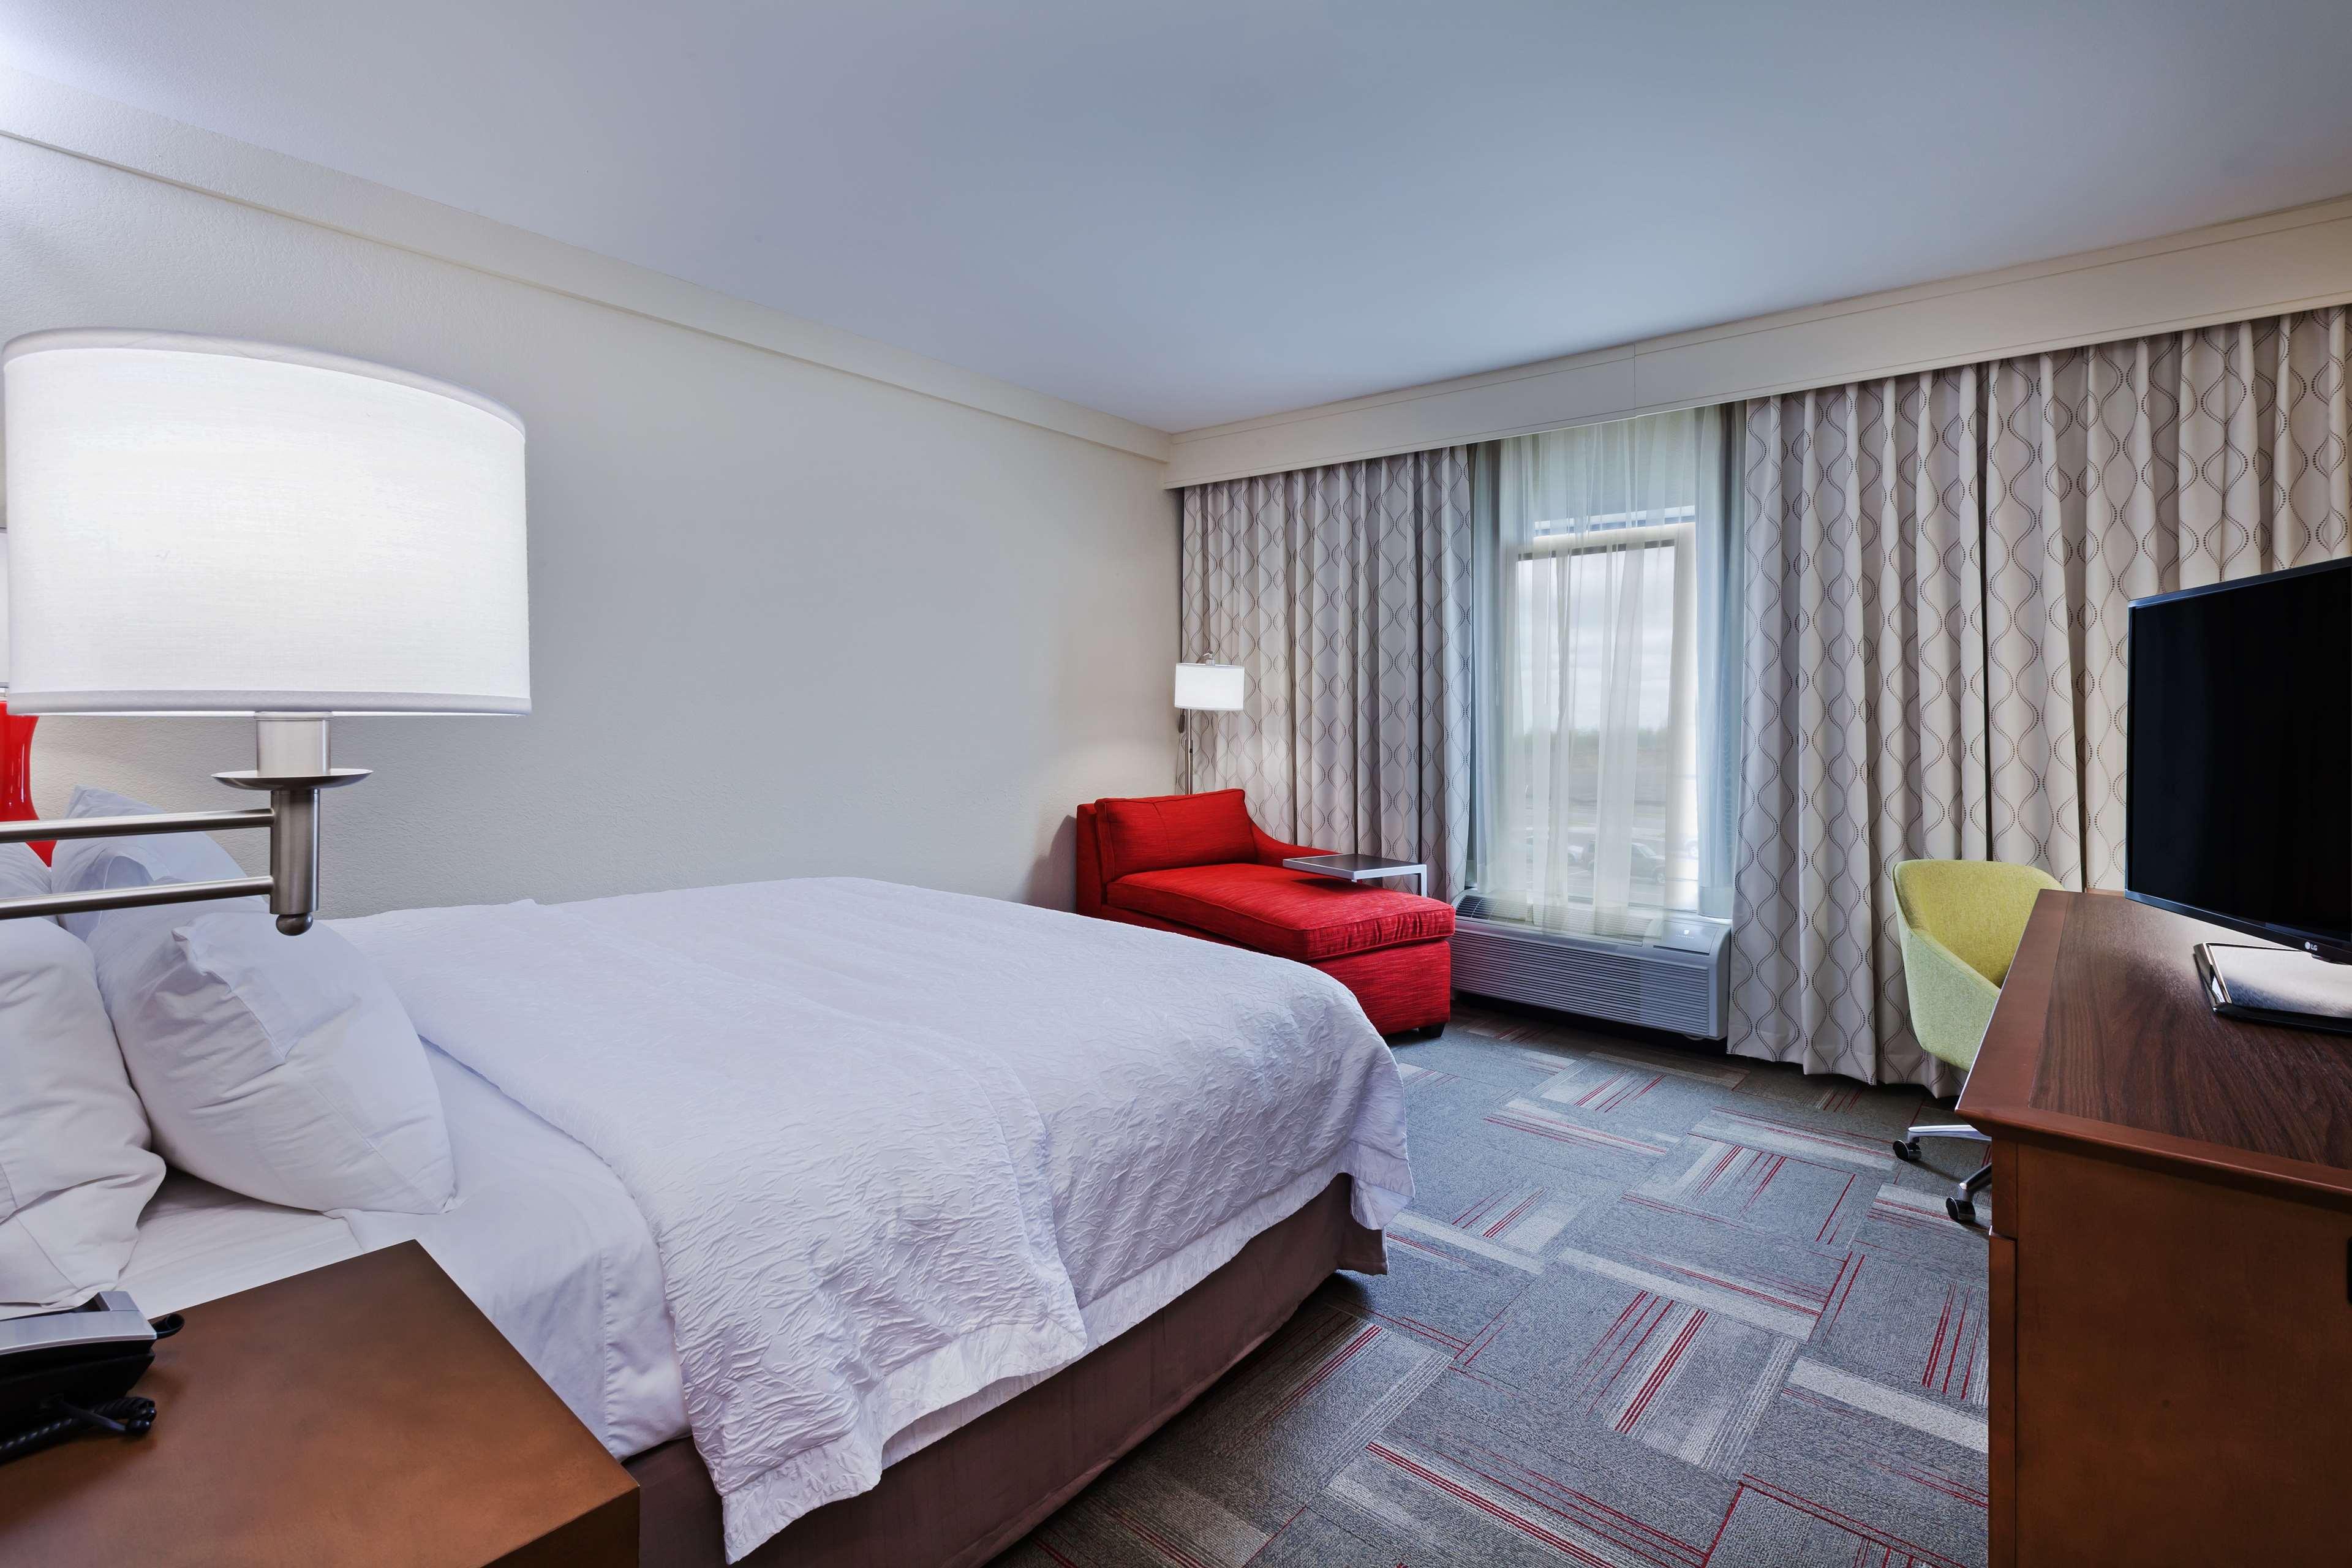 Hampton Inn & Suites Claremore image 31